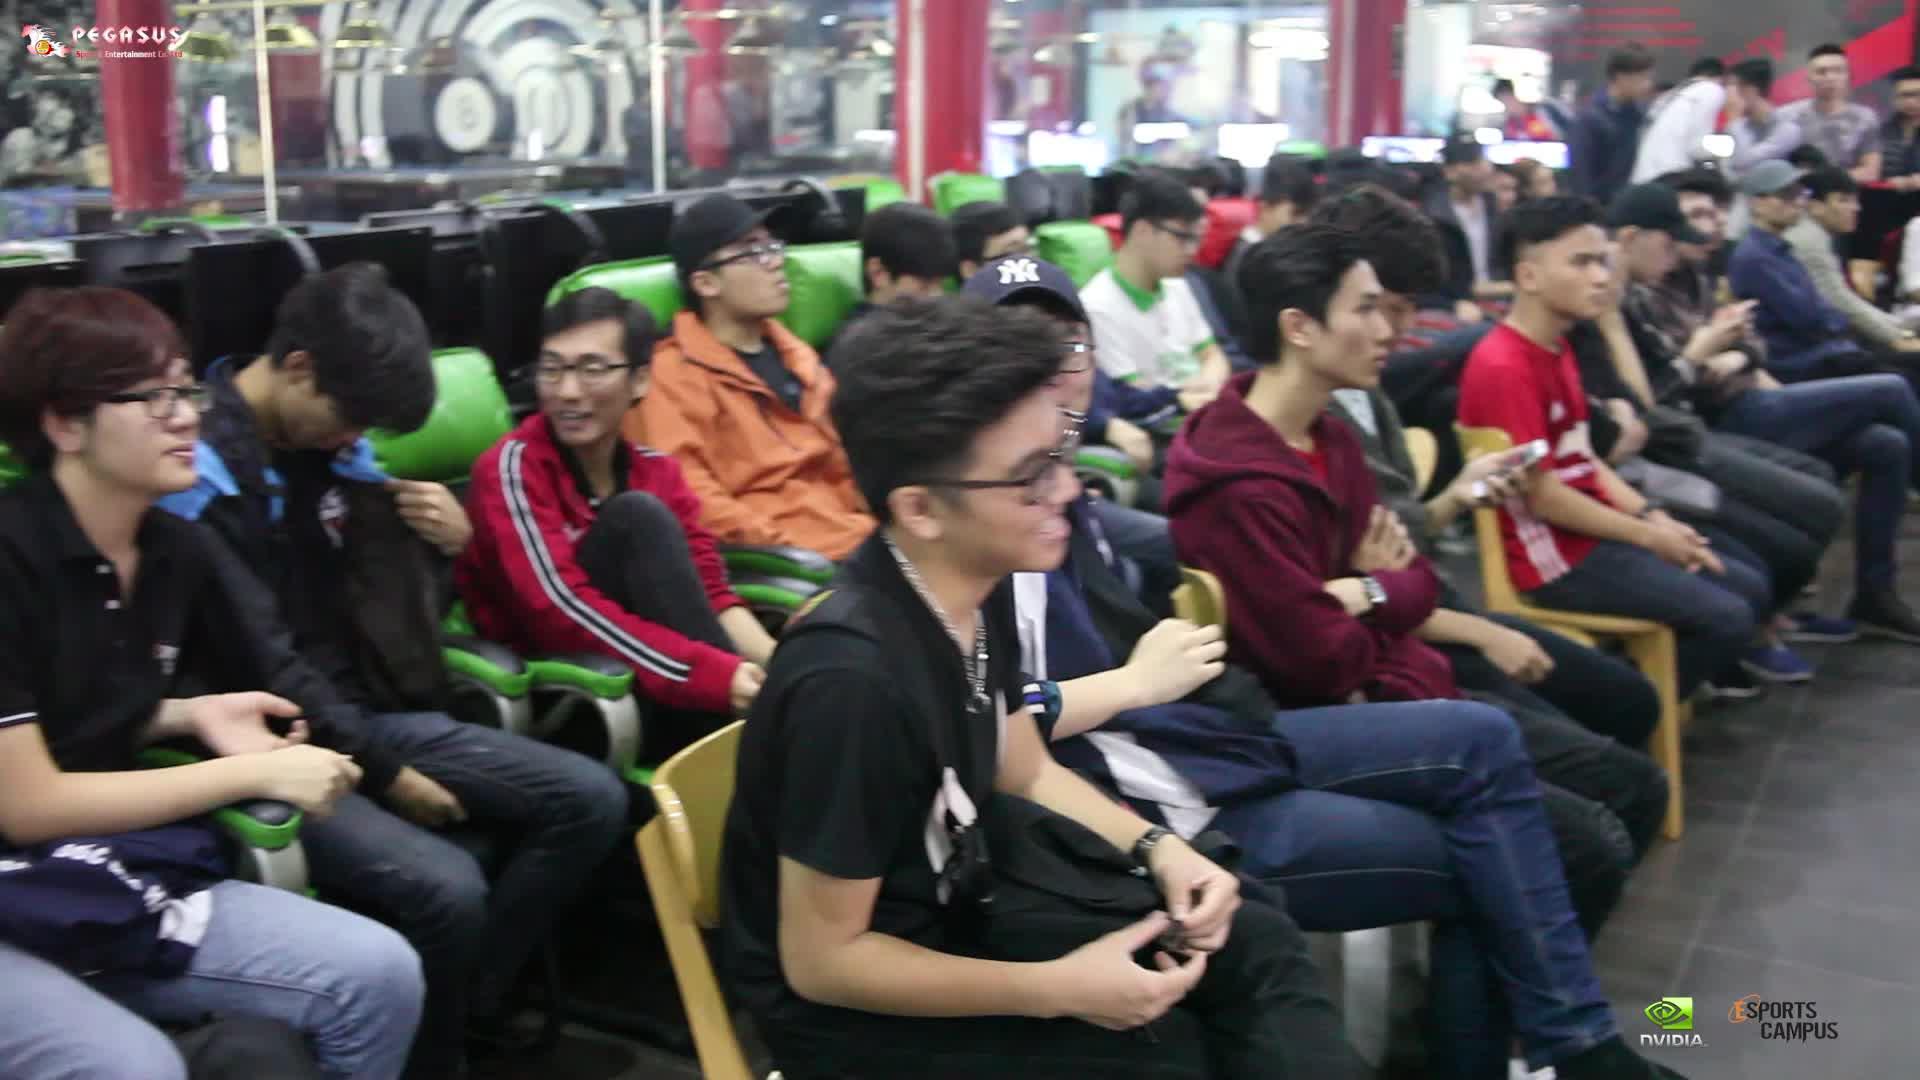 Toàn cảnh giải đấu Liên Minh Huyền Thoại dành cho sinh viên vừa diễn ra tuần qua